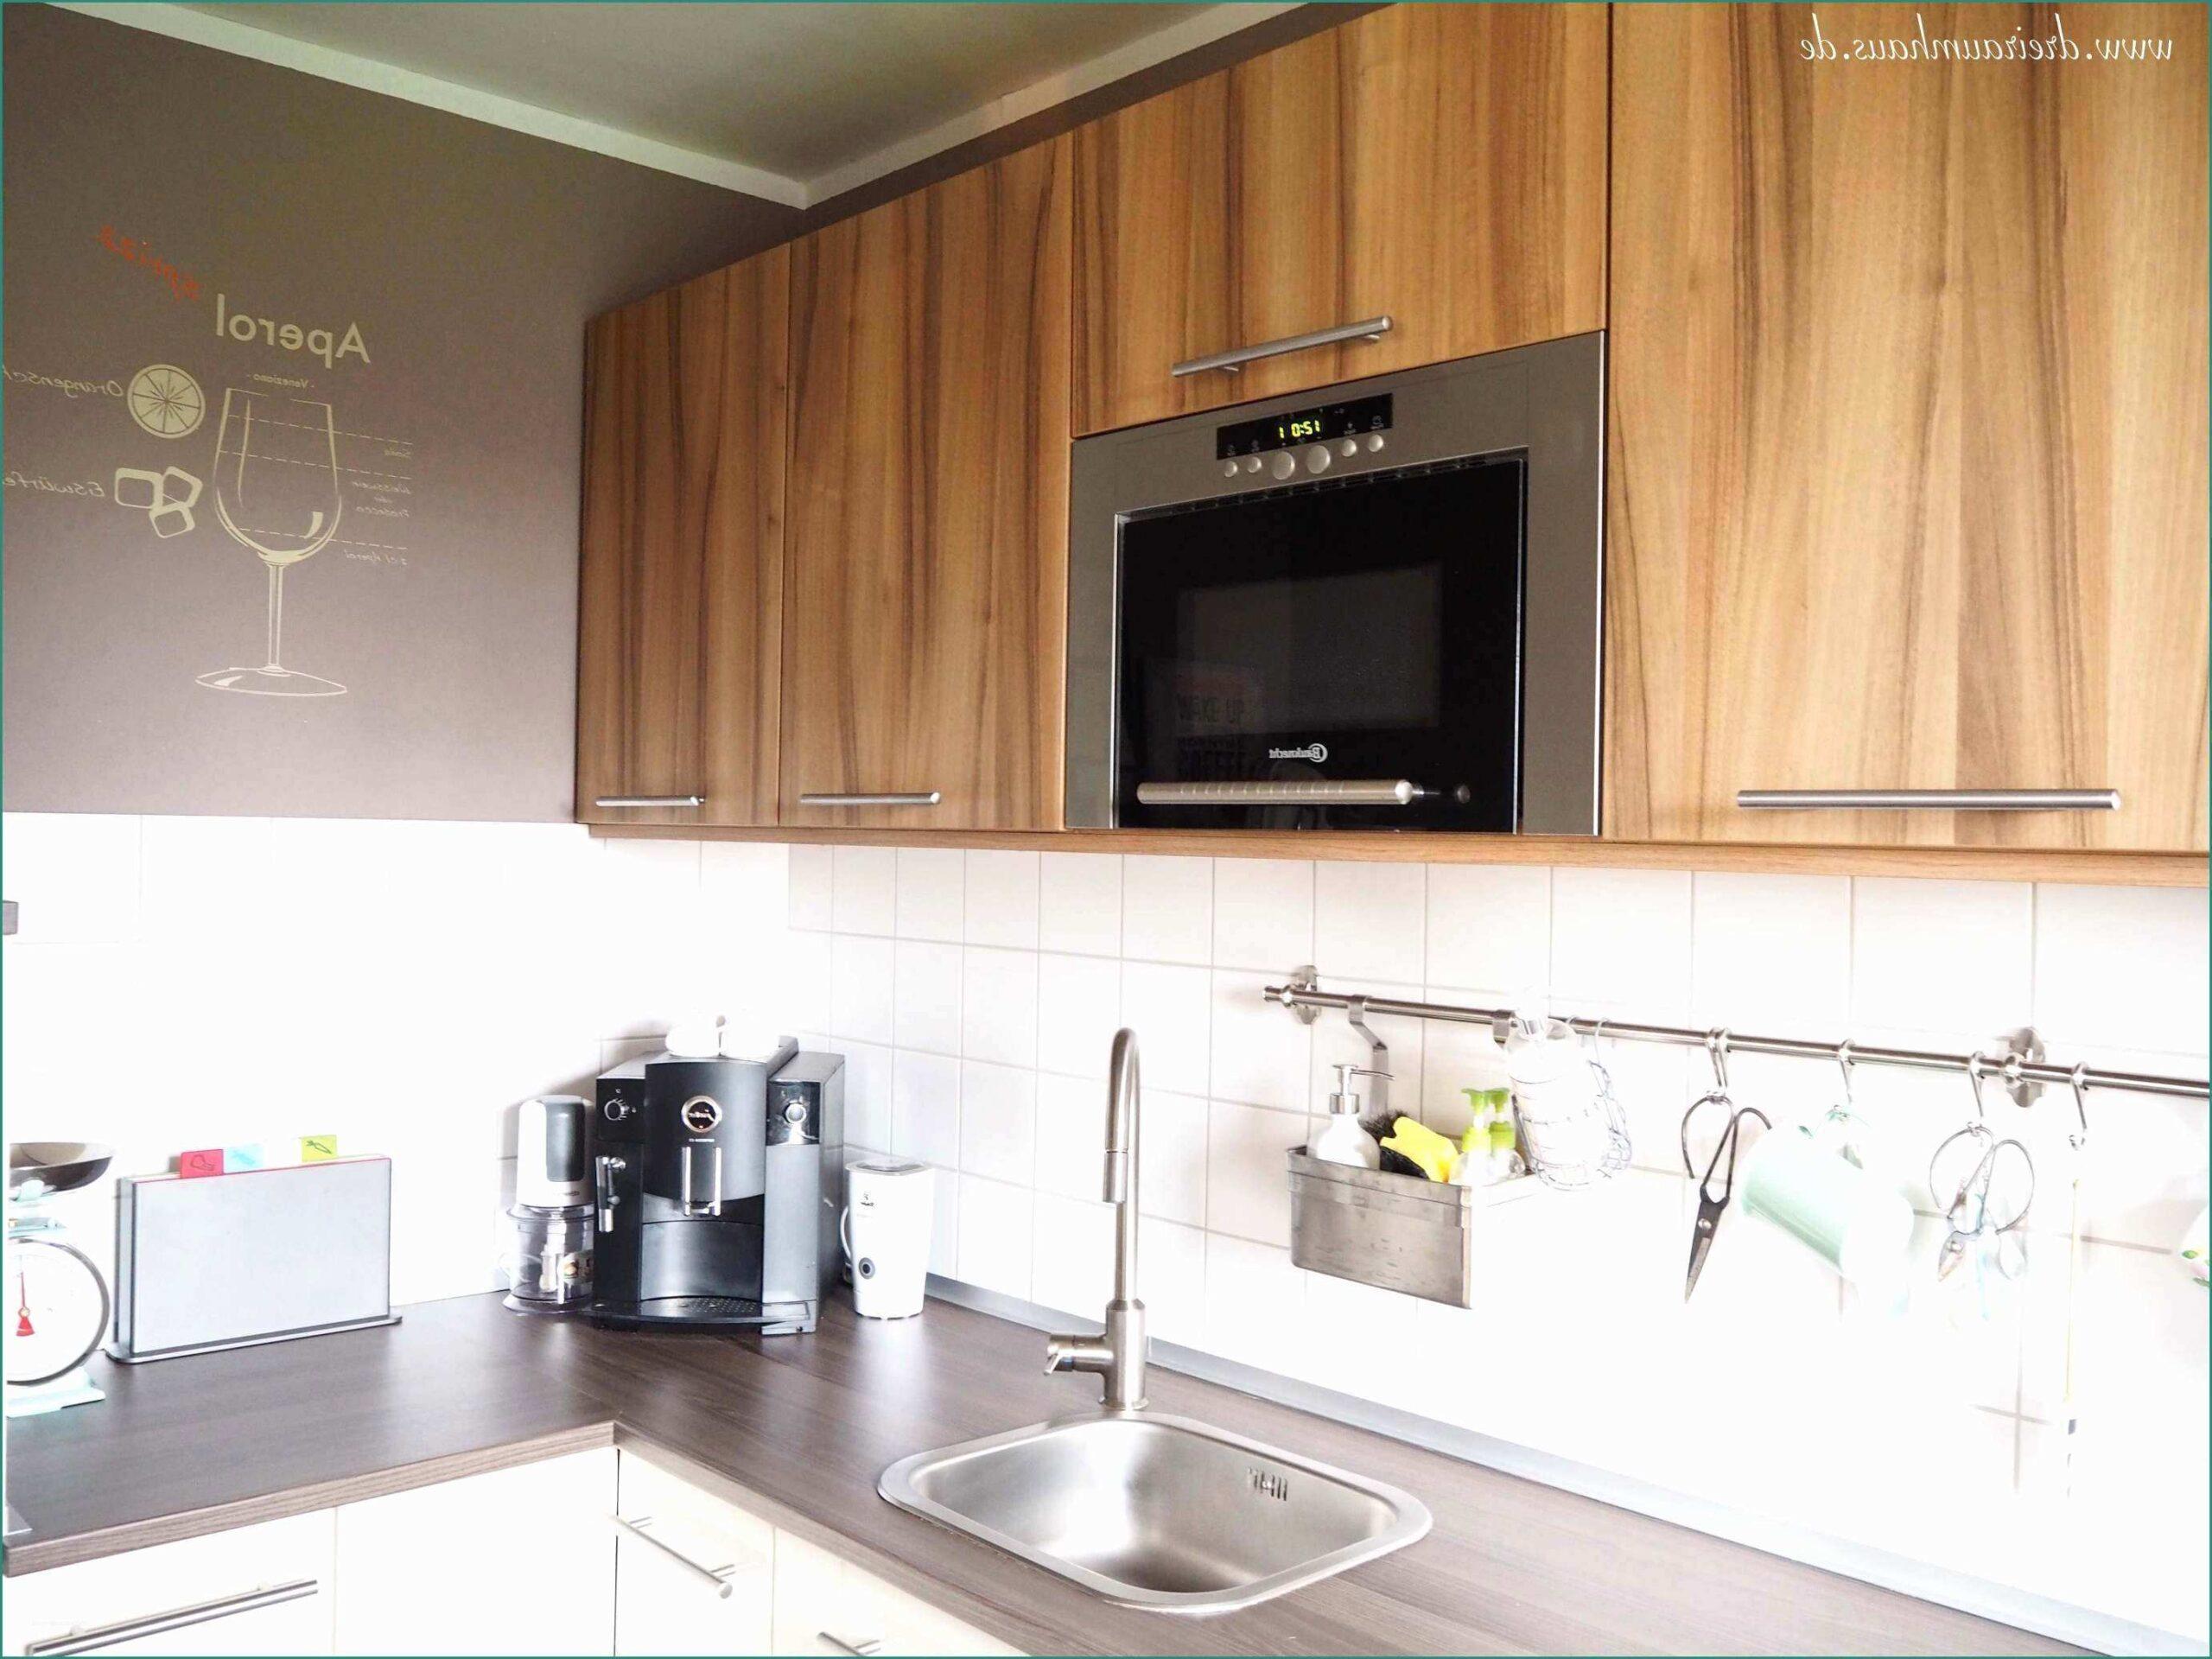 Full Size of Ikea Voxtorp Küche Laminato In Cucina E Top Kuche With Bodenbeläge Billige Tapete Modern Laminat Für Led Beleuchtung Planen Kostenlos Regal Pendelleuchten Wohnzimmer Ikea Voxtorp Küche